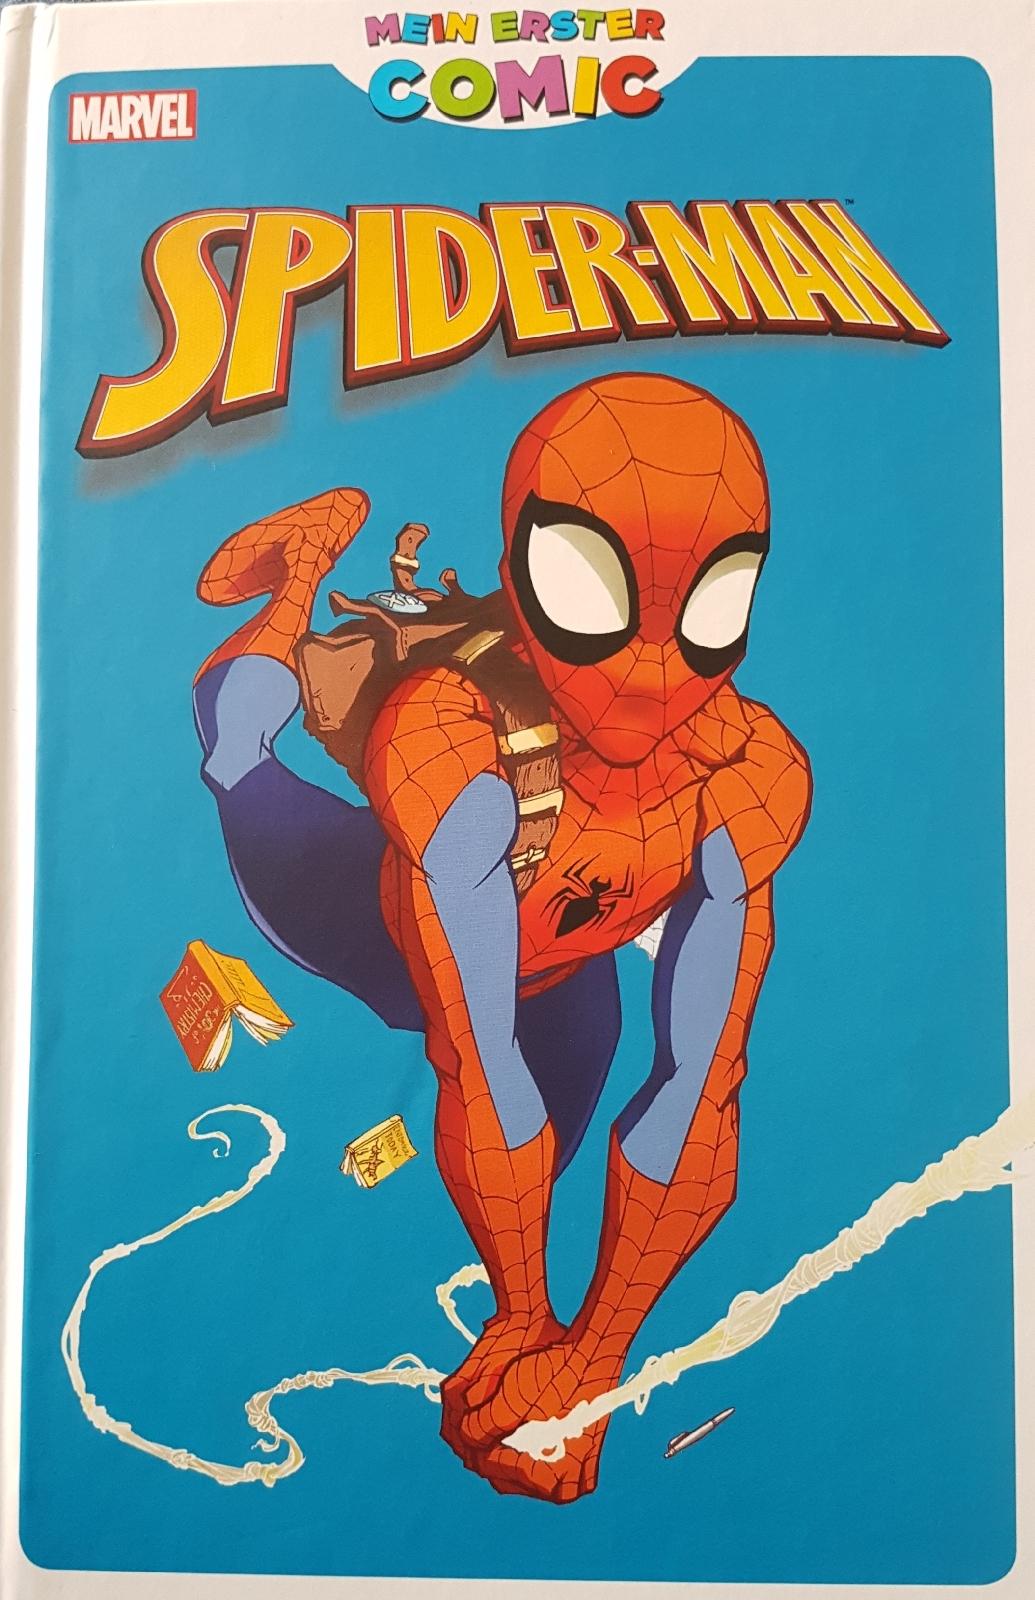 Mein erstes Comic: Spiderman